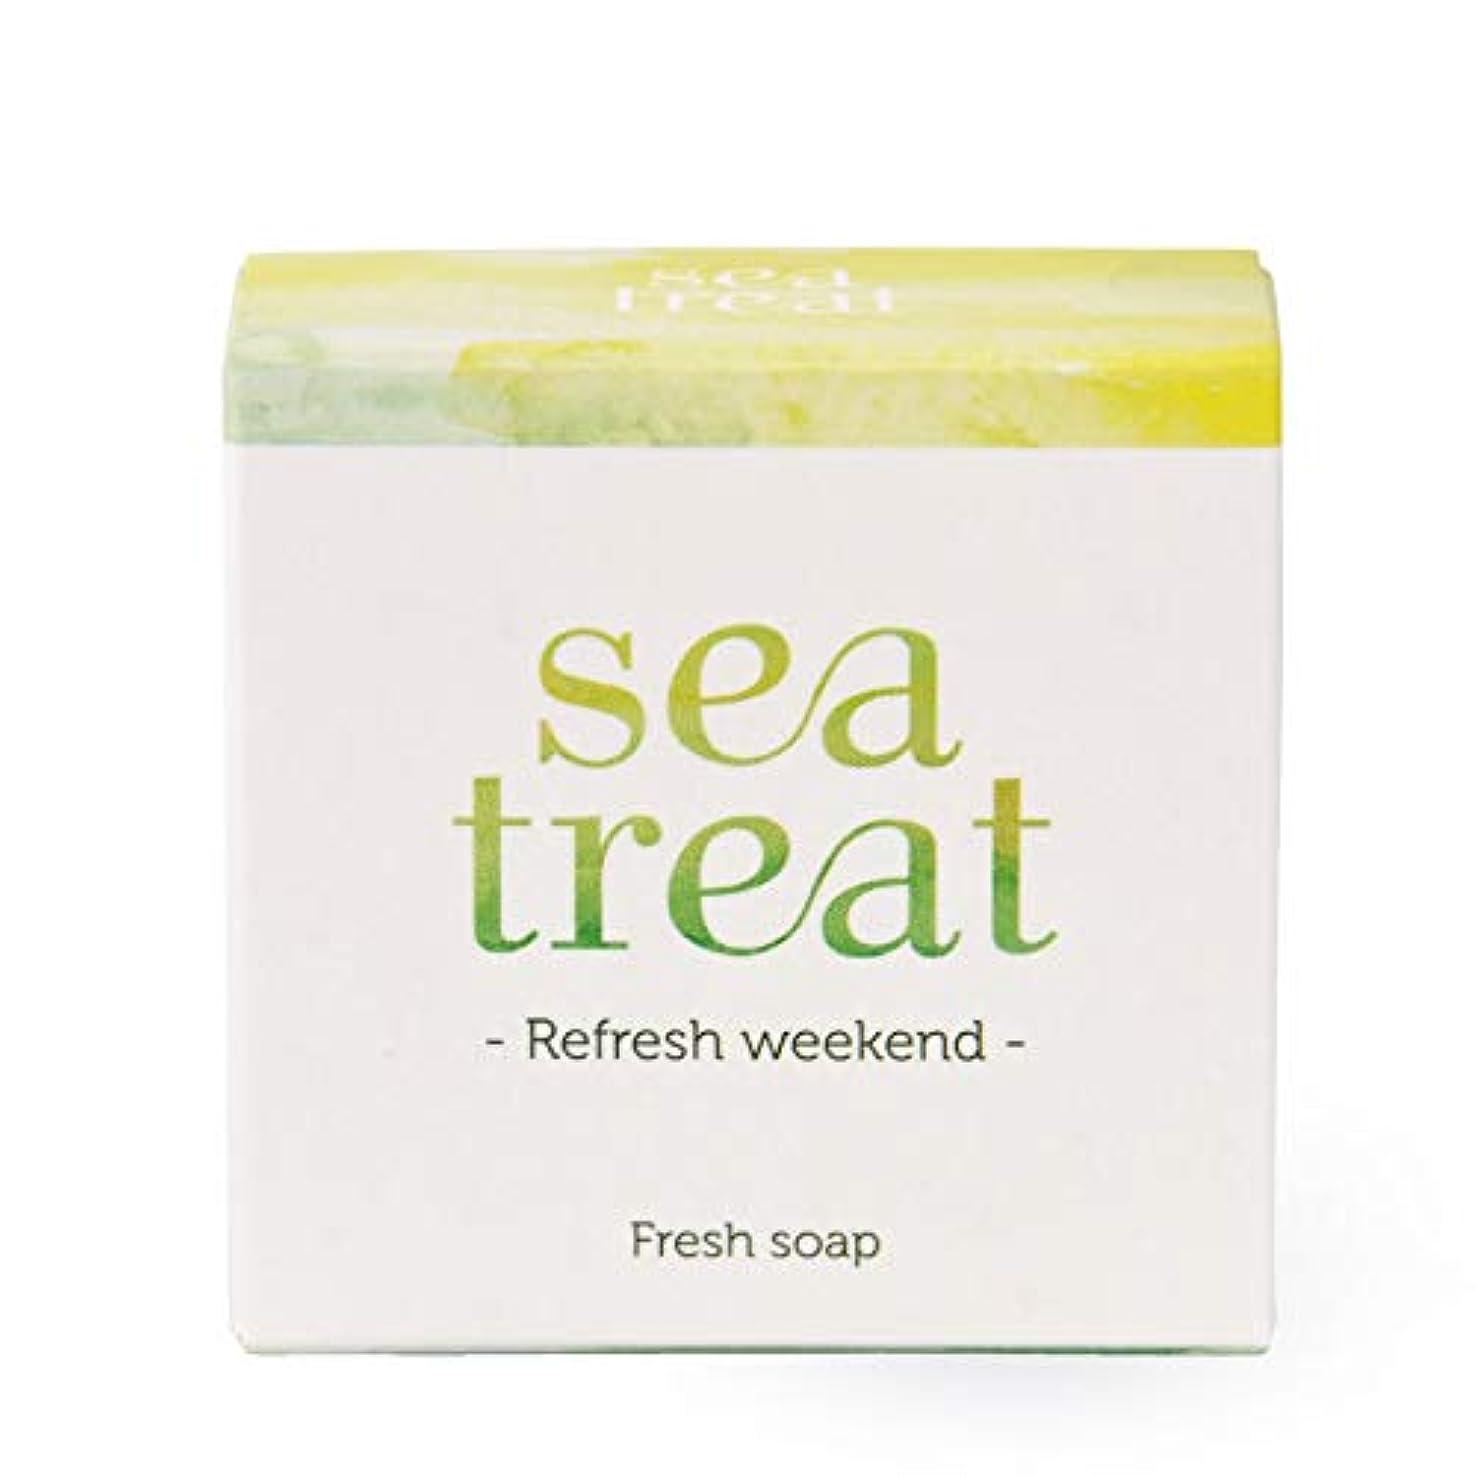 明らかに第緑sea treat(さっぱり)-Refresh weekend-